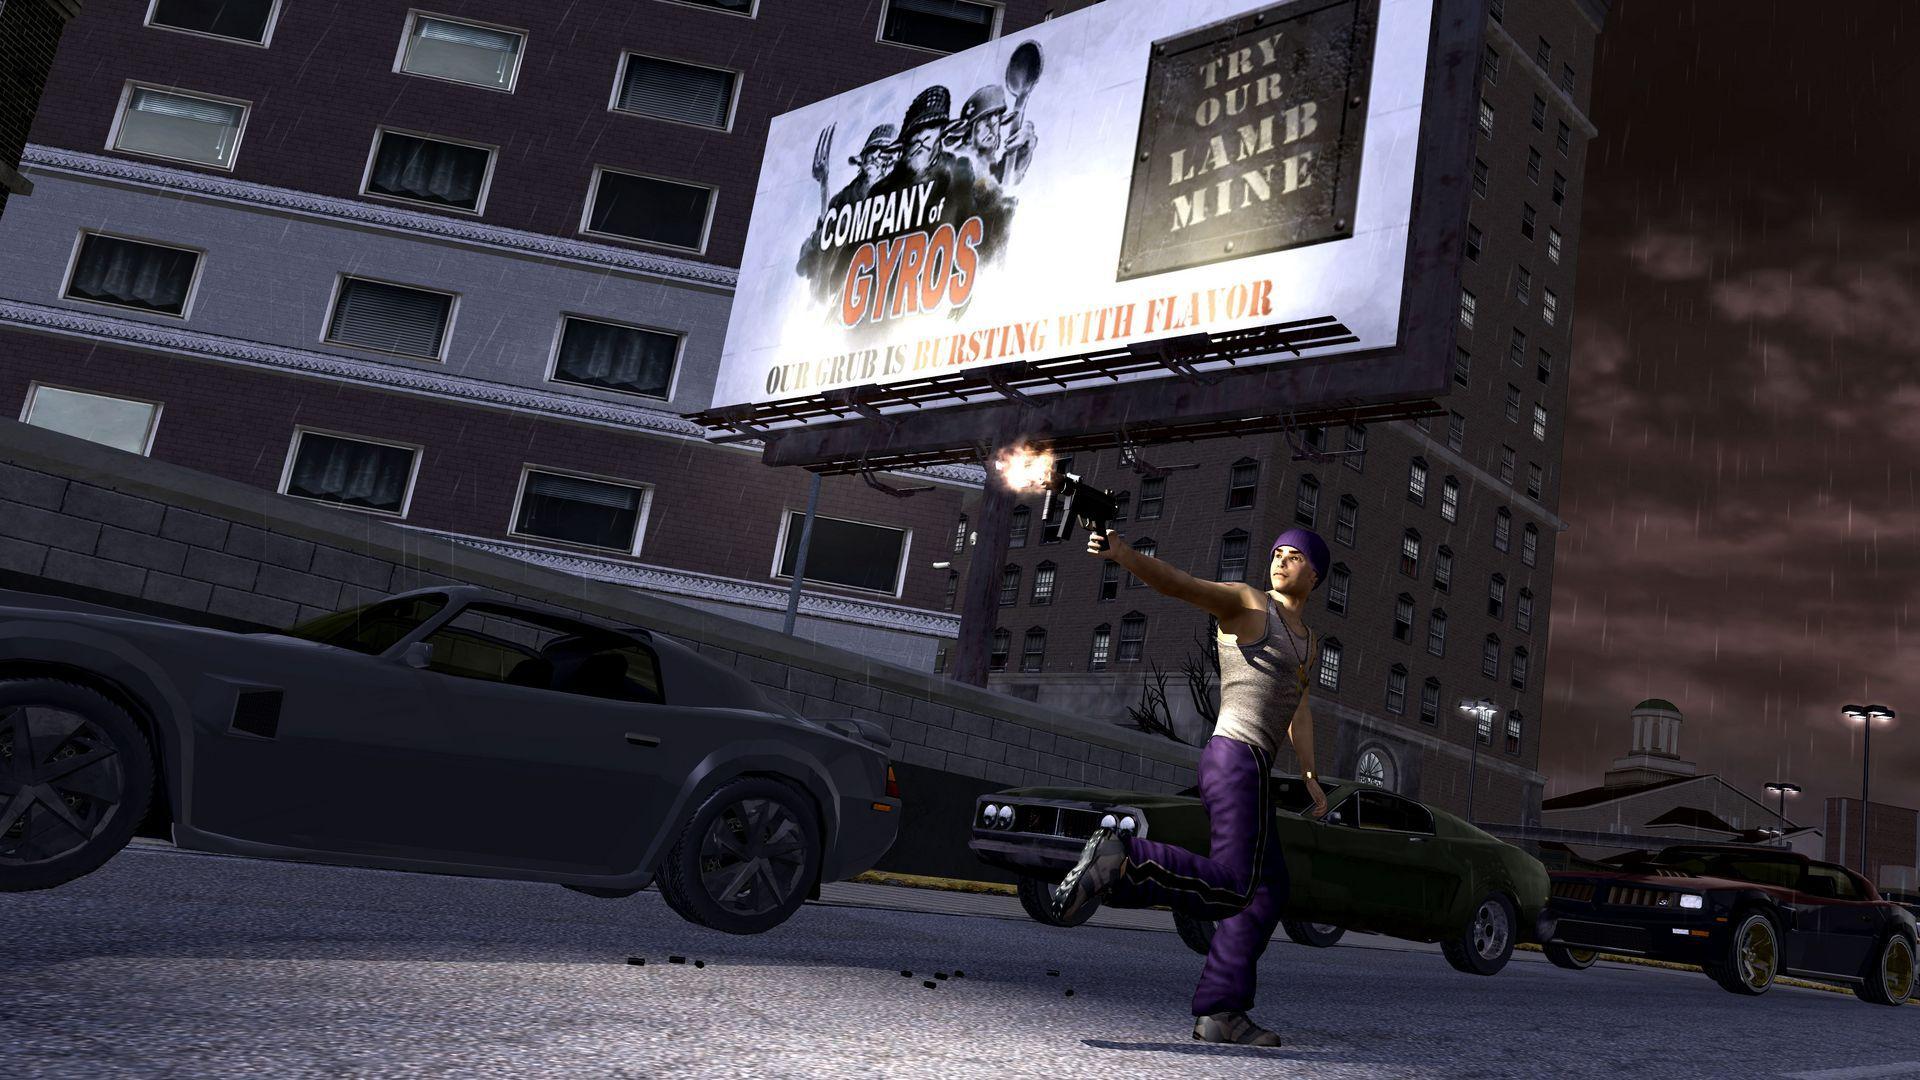 ¿Quieres Saints Row 2 para PC gratis? claro que lo quieres, pero debes darte prisa